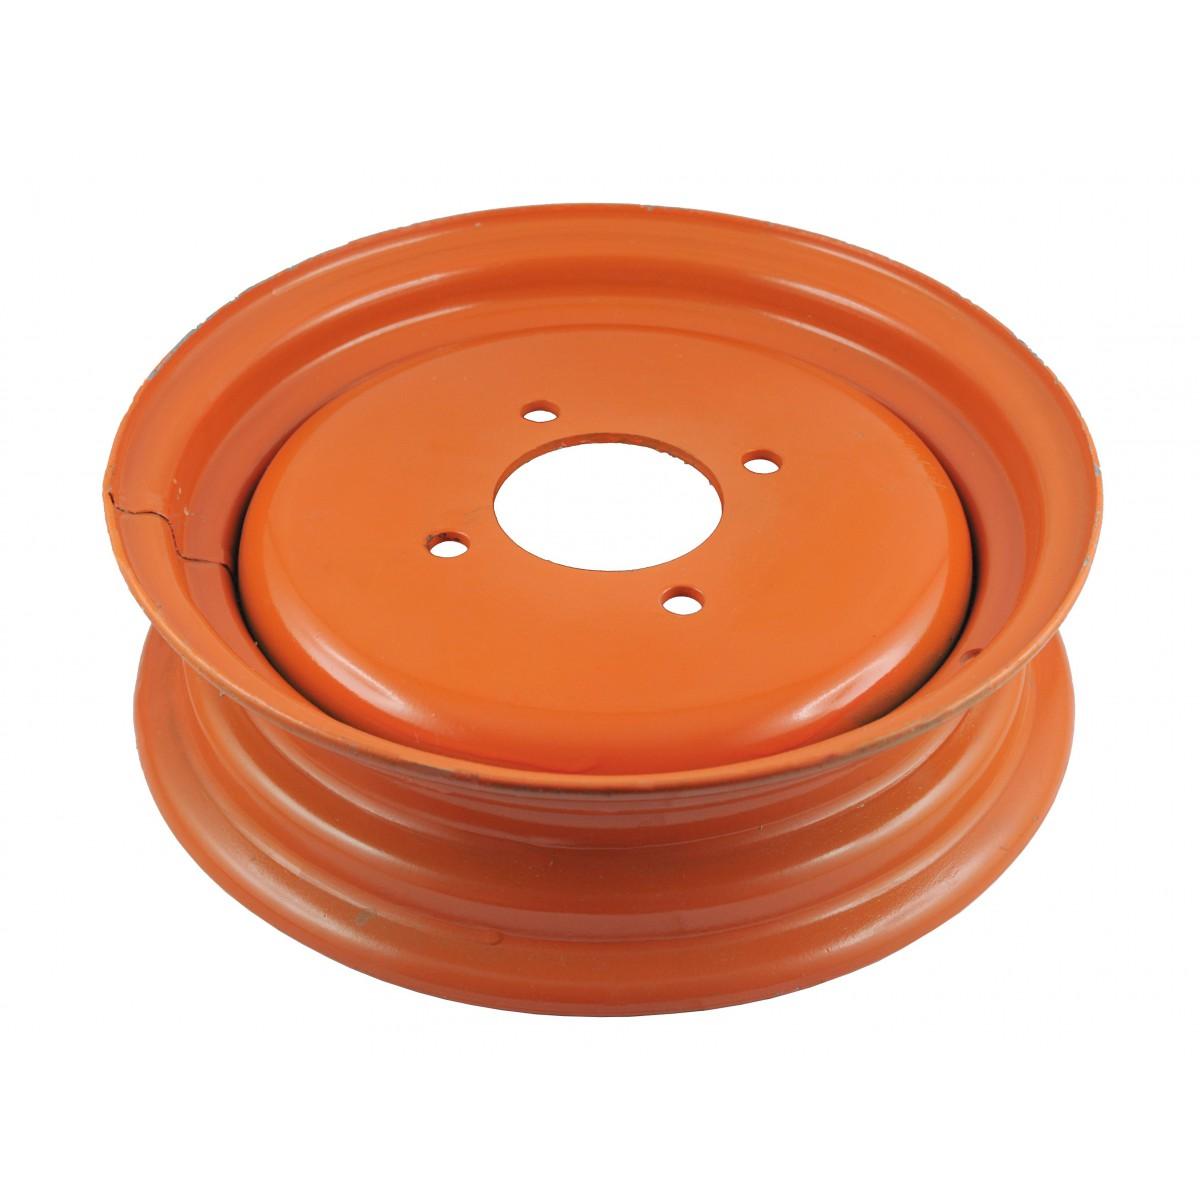 Felge 3.00-12'per Reifen 5-12, 4 Löcher 80x120 mm für YANMAR YM1401